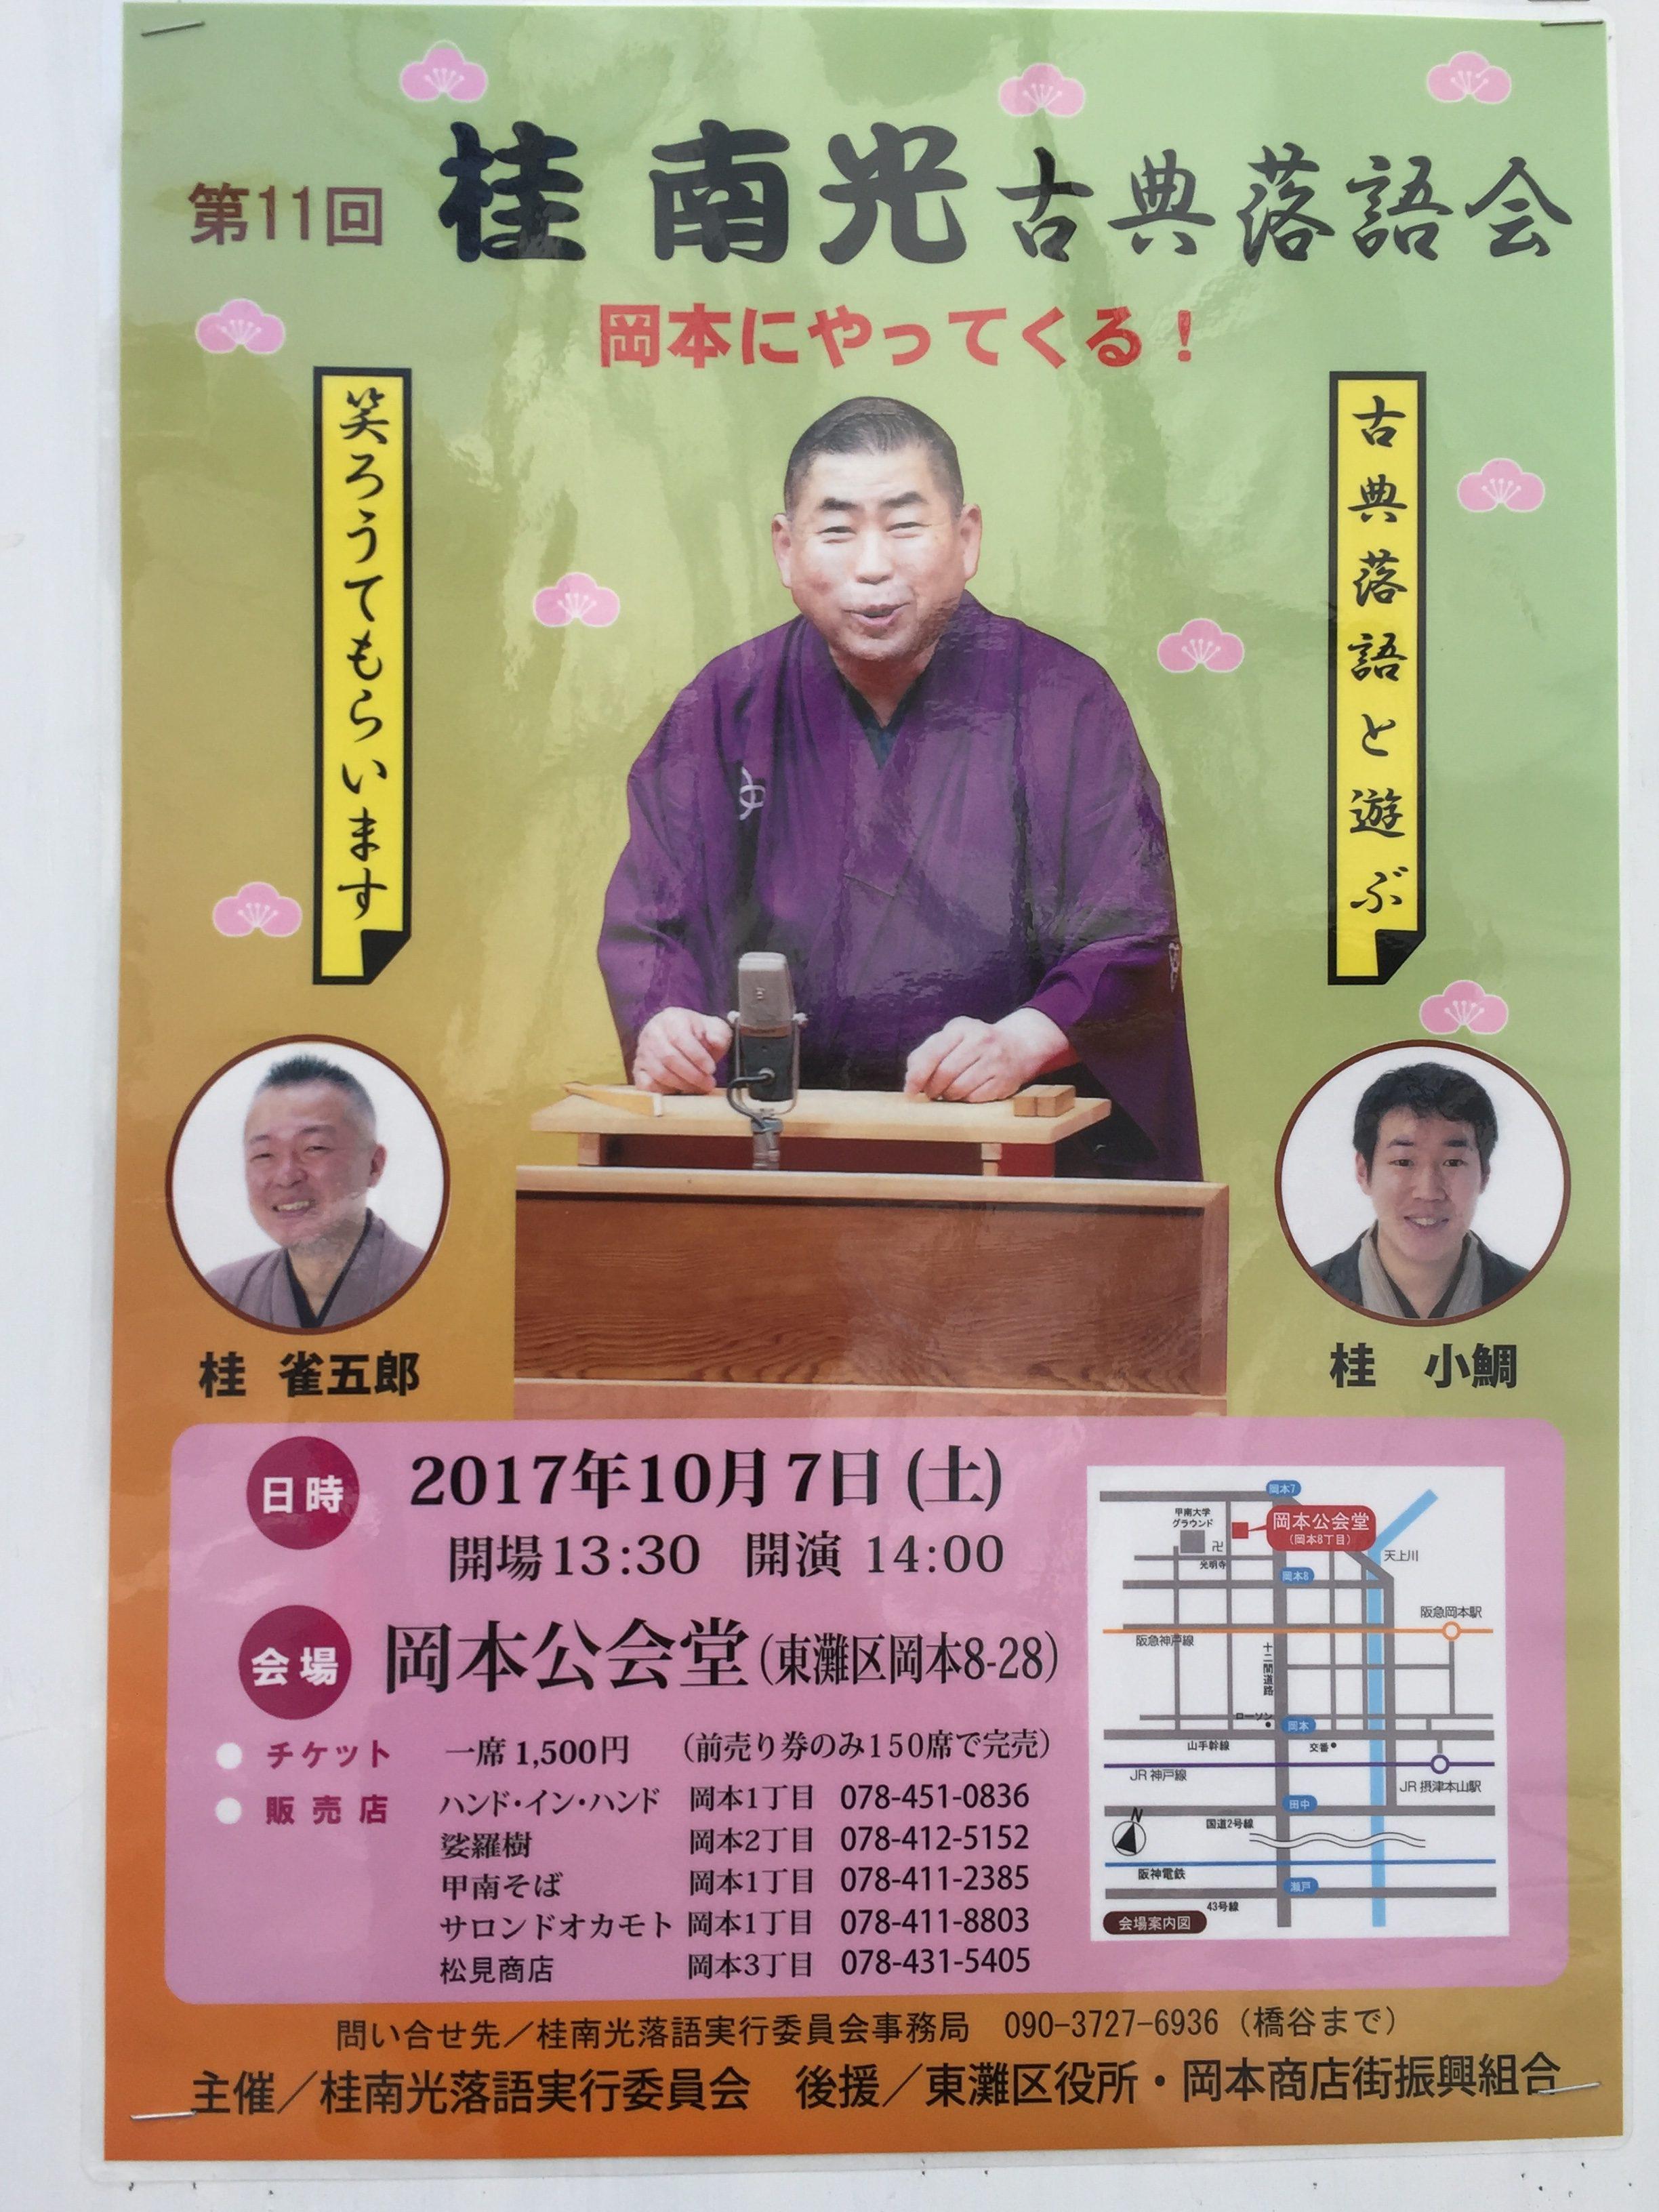 「桂 南光古典落語会2017」が神戸・岡本公会堂で10/7に開催されるよ!  #桂南光